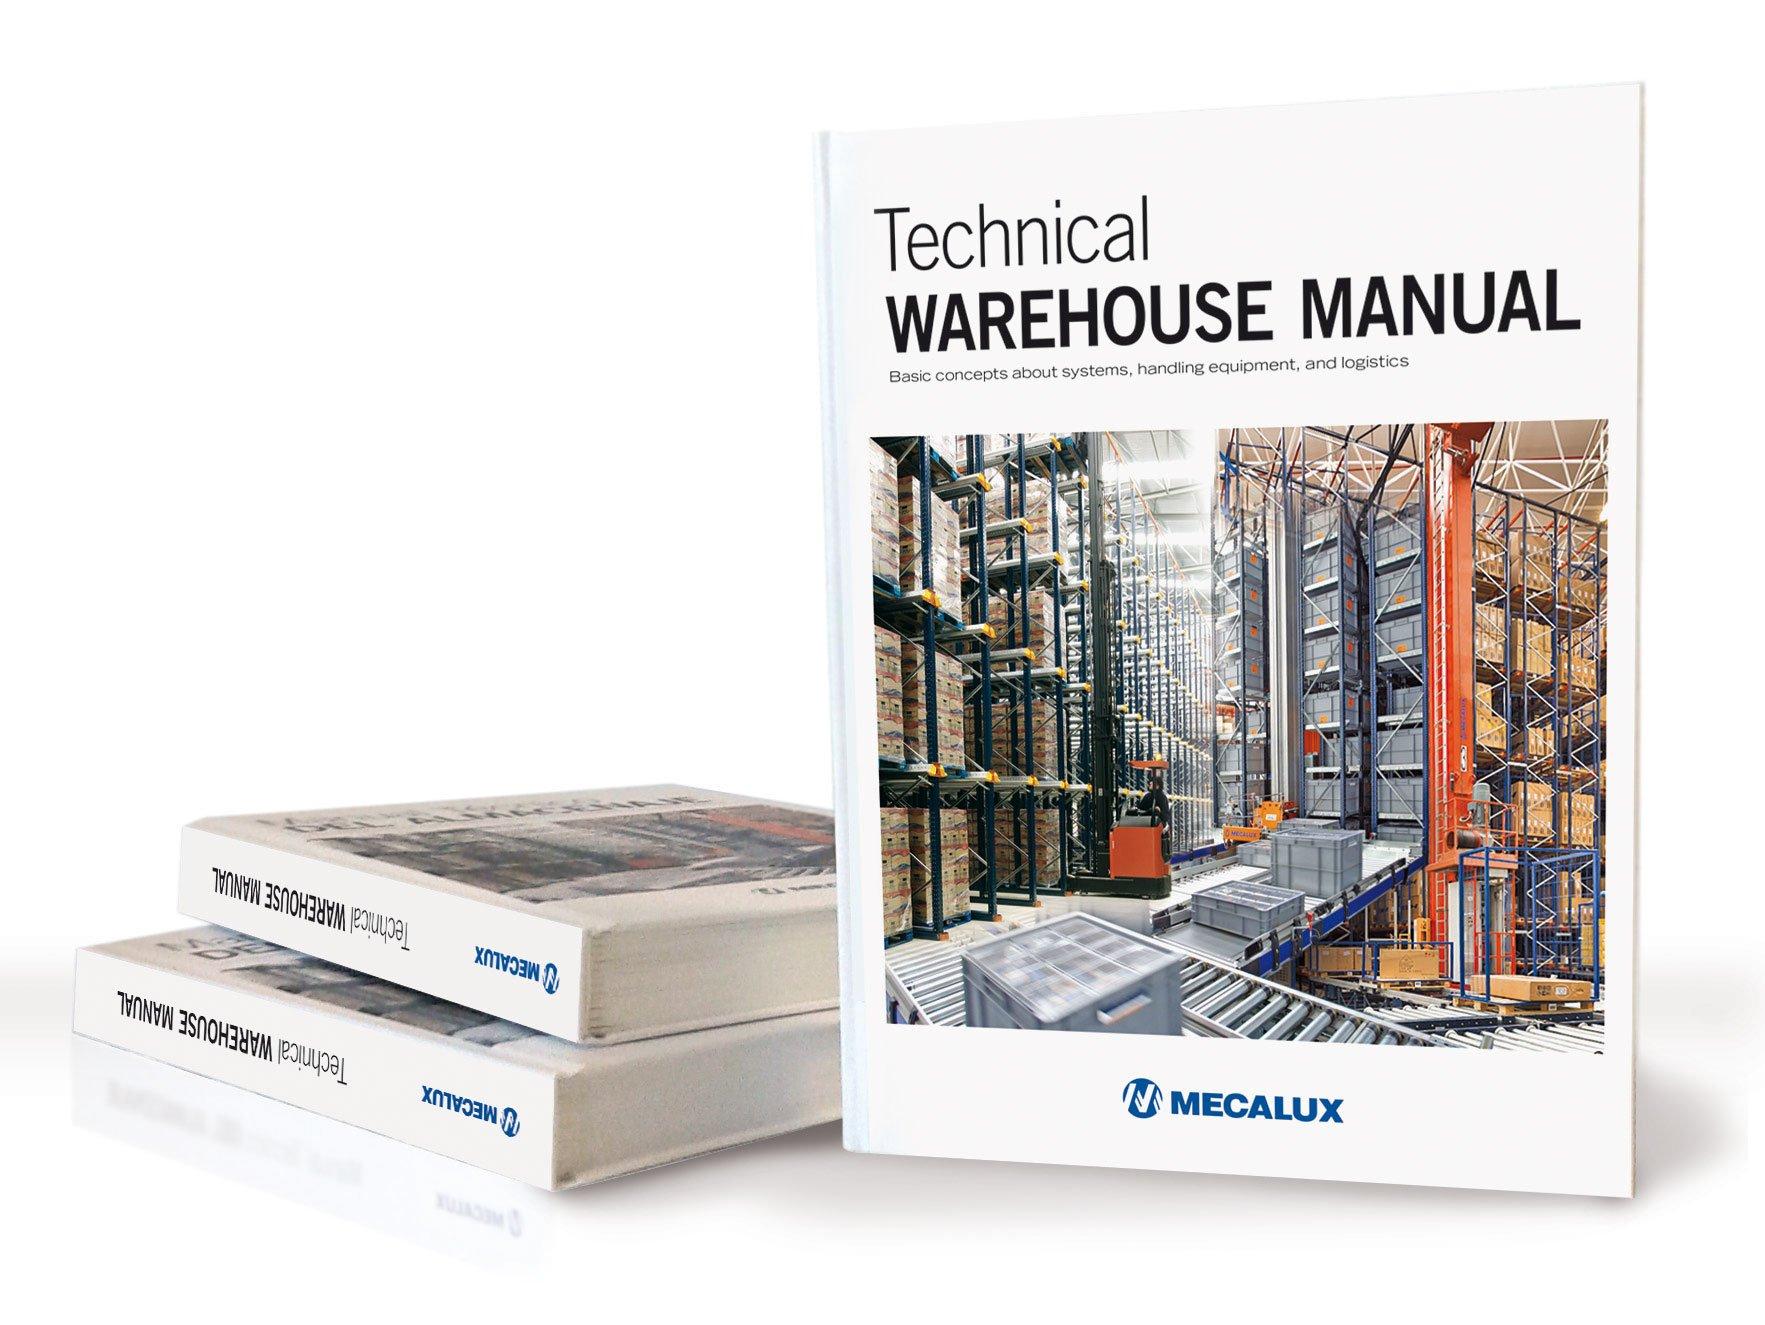 Mecalux Uk.Technical Warehouse Manual Amazon Co Uk Mecalux Marketing